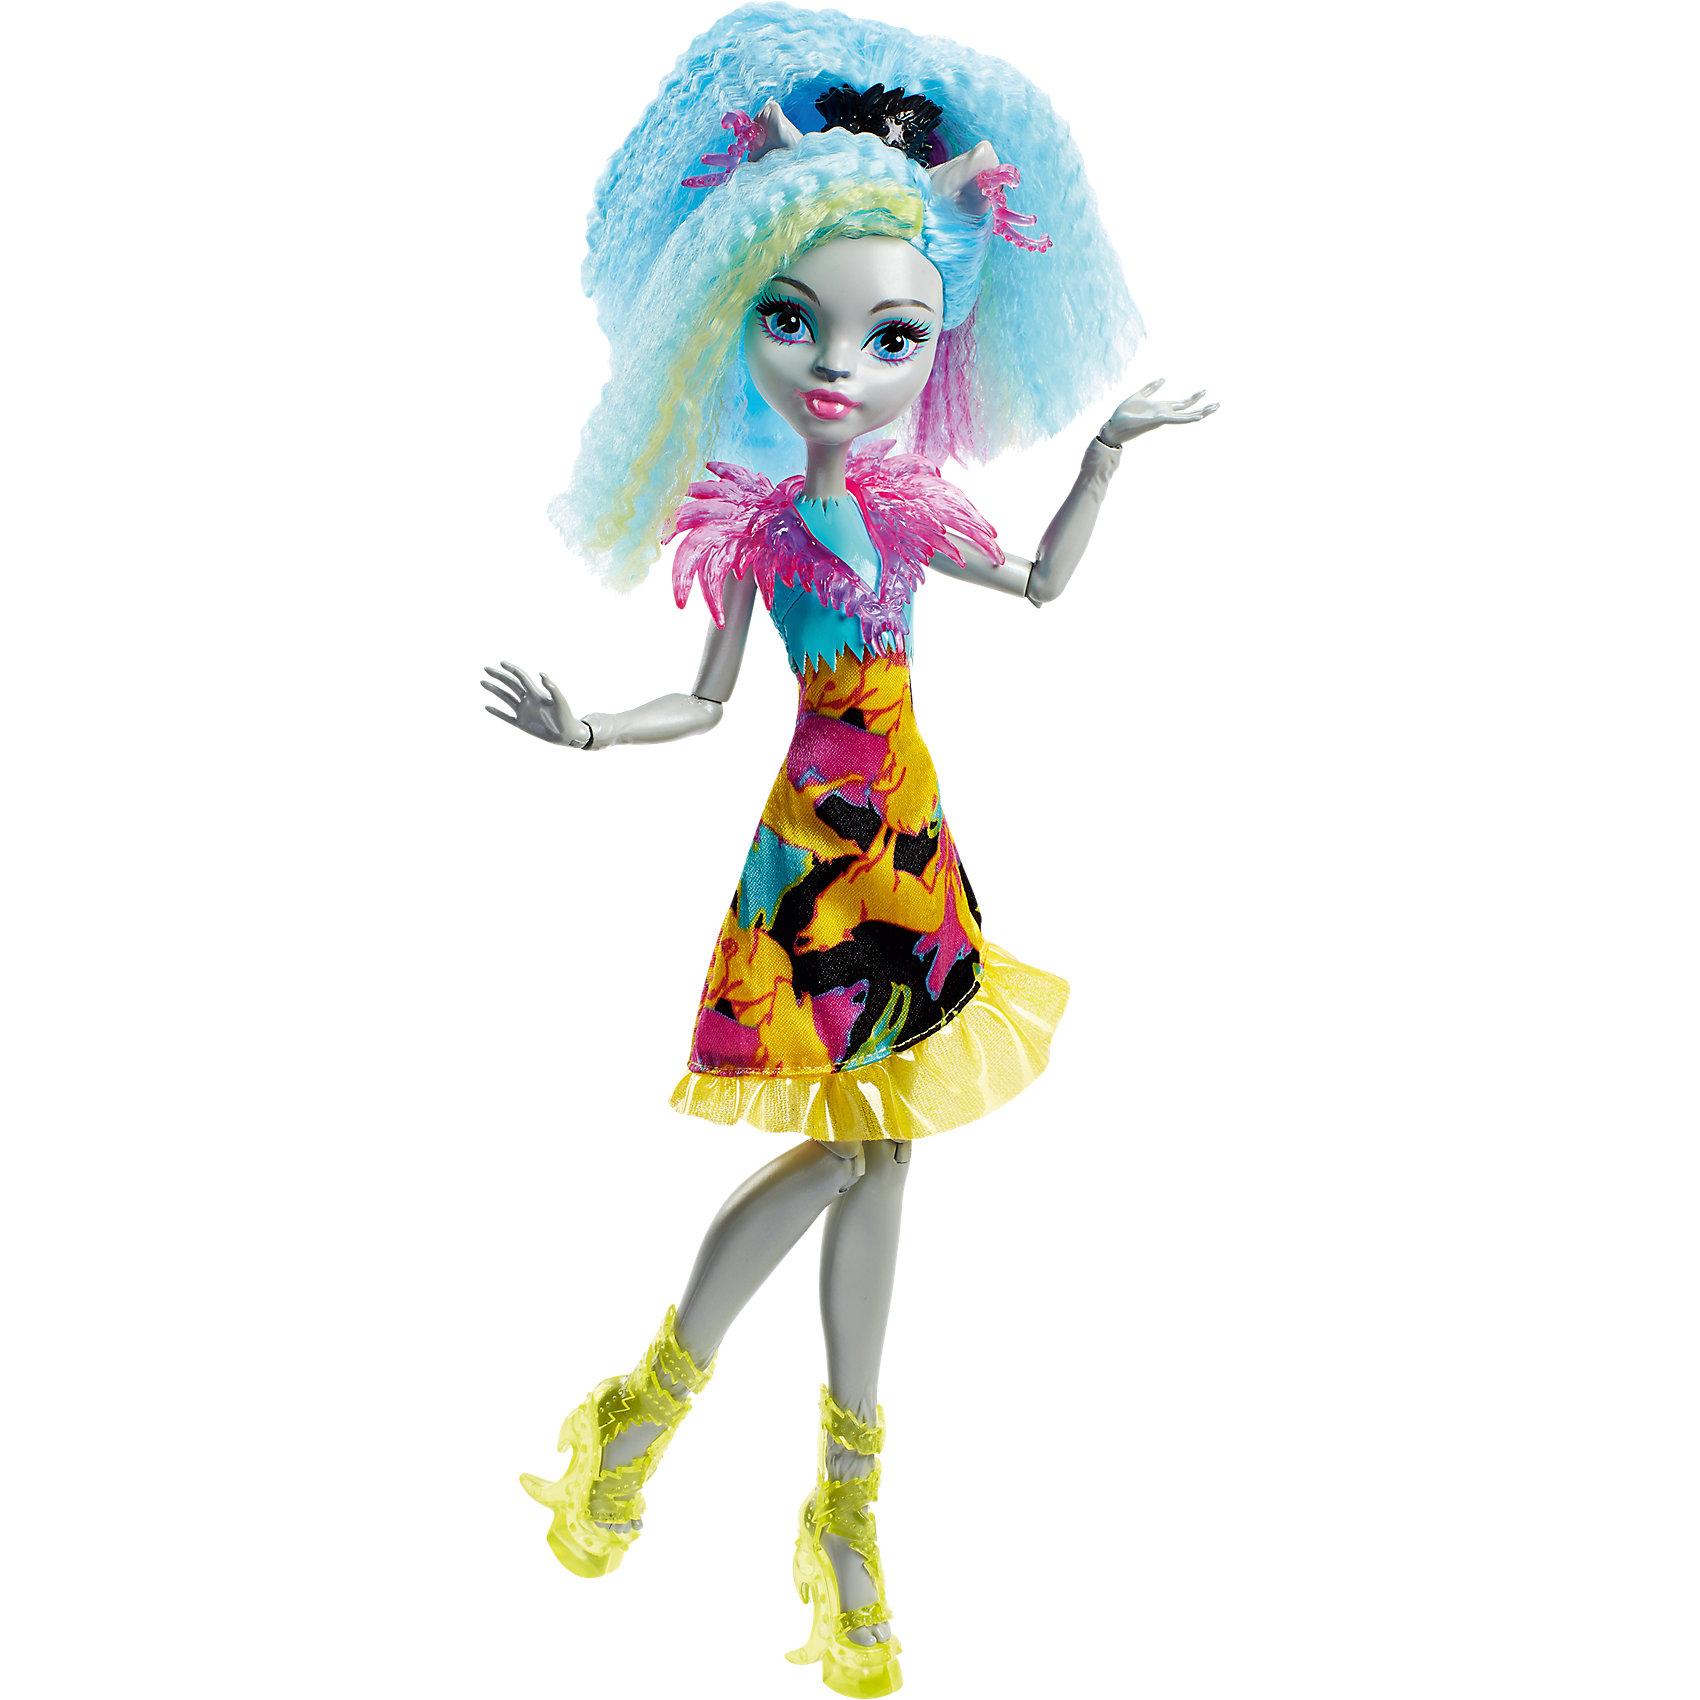 Неоновая монстряшка Сильви Тимбервульф из серии Под напряжением, Monster HighMonster High<br>Характеристики товара:<br><br>• комплектация: кукла, одежда, аксессуары<br>• материал: пластик, текстиль<br>• имя куклы: Сильви Тимбервульф<br>• серия: Под напряжением<br>• руки, ноги гнутся<br>• высота куклы: 27 см<br>• возраст: от 6 лет<br>• размер упаковки: 32x16x7 см<br>• вес: 0,3 кг<br>• страна бренда: США<br><br>Такая современная кукла порадует маленьких любительниц мультфильмов про мир Monster High. Костюм героини мультфильма дополняет обувь и аксессуары. Руки и ноги гнутся, из длинных волос можно делать прически! Кукла Сильви Тимбервульф из серии Под напряжением, Monster High, станет великолепным подарком для девочек.<br><br>Игры с куклами помогают девочкам отработать сценарии поведения в обществе, развить воображение и мелкую моторику. Изделие произведено из безопасных для детей материалов. Куклы Monster High от бренда Mattel не перестают быть популярными у современных девочек! <br><br>Куклу Неоновая монстряшка Сильви Тимбервульф из серии Под напряжением, Monster High, от компании Mattel можно купить в нашем интернет-магазине.<br><br>Ширина мм: 327<br>Глубина мм: 154<br>Высота мм: 68<br>Вес г: 185<br>Возраст от месяцев: 72<br>Возраст до месяцев: 120<br>Пол: Женский<br>Возраст: Детский<br>SKU: 5089099